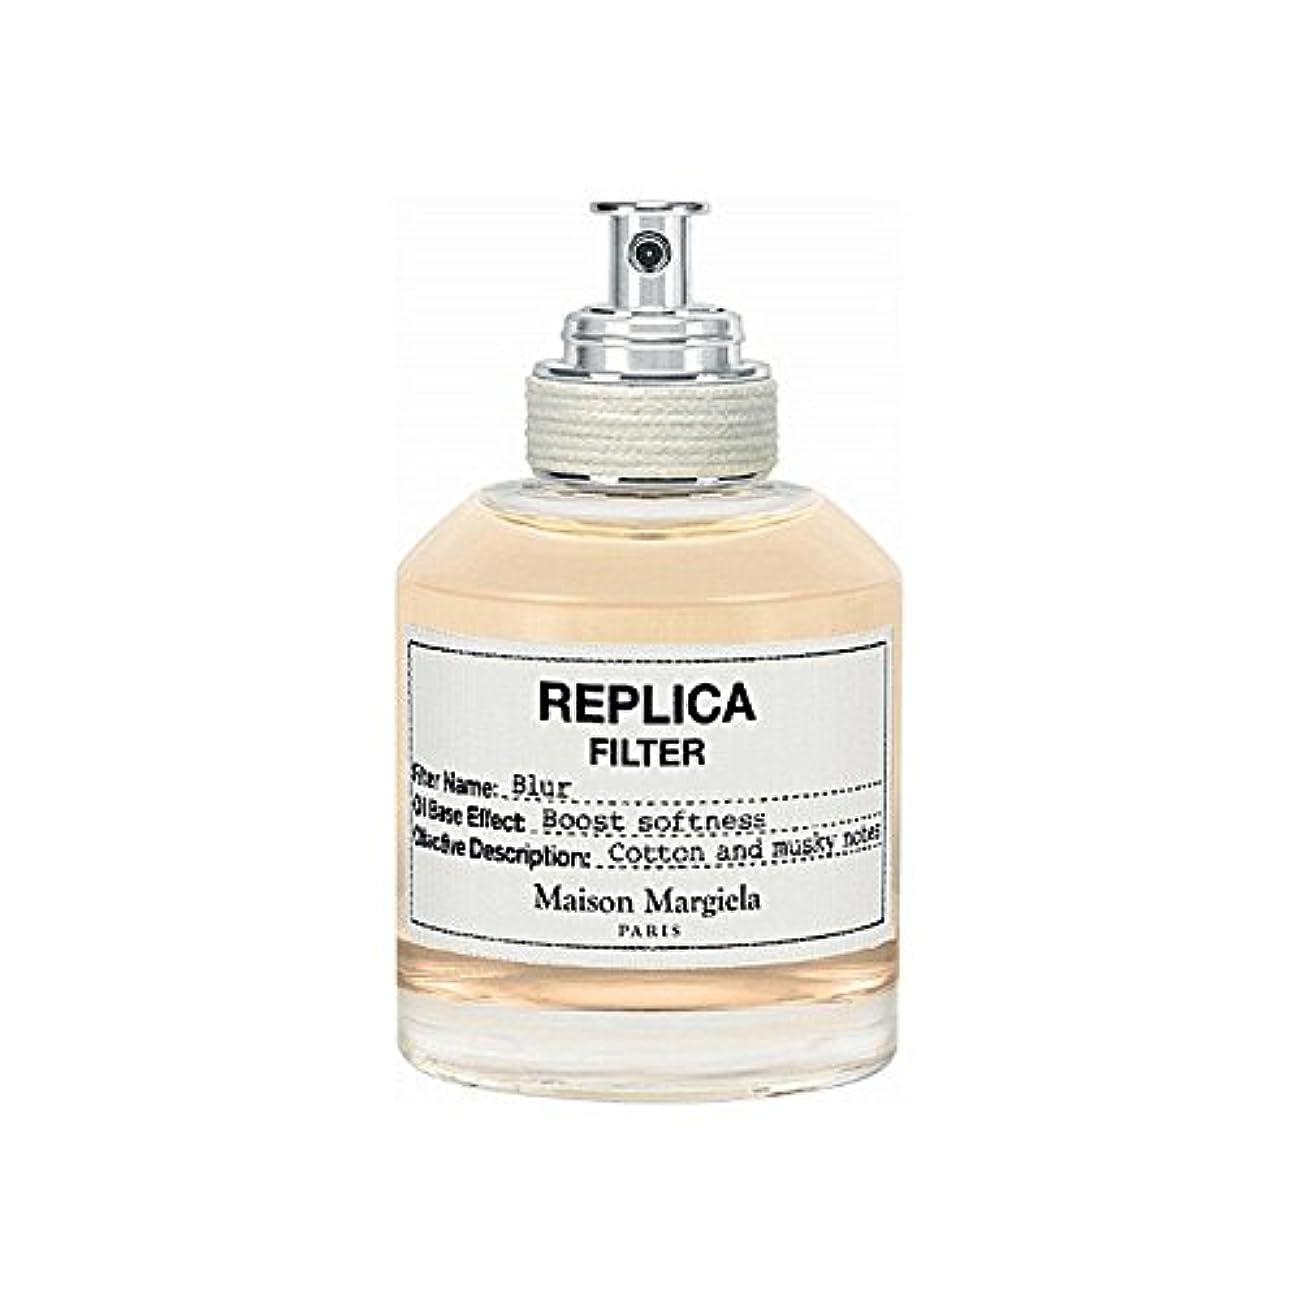 メゾンマルジェラのぼかしレプリカフィルタ50ミリリットル x4 - Maison Margiela Blur Replica Filter 50ml (Pack of 4) [並行輸入品]